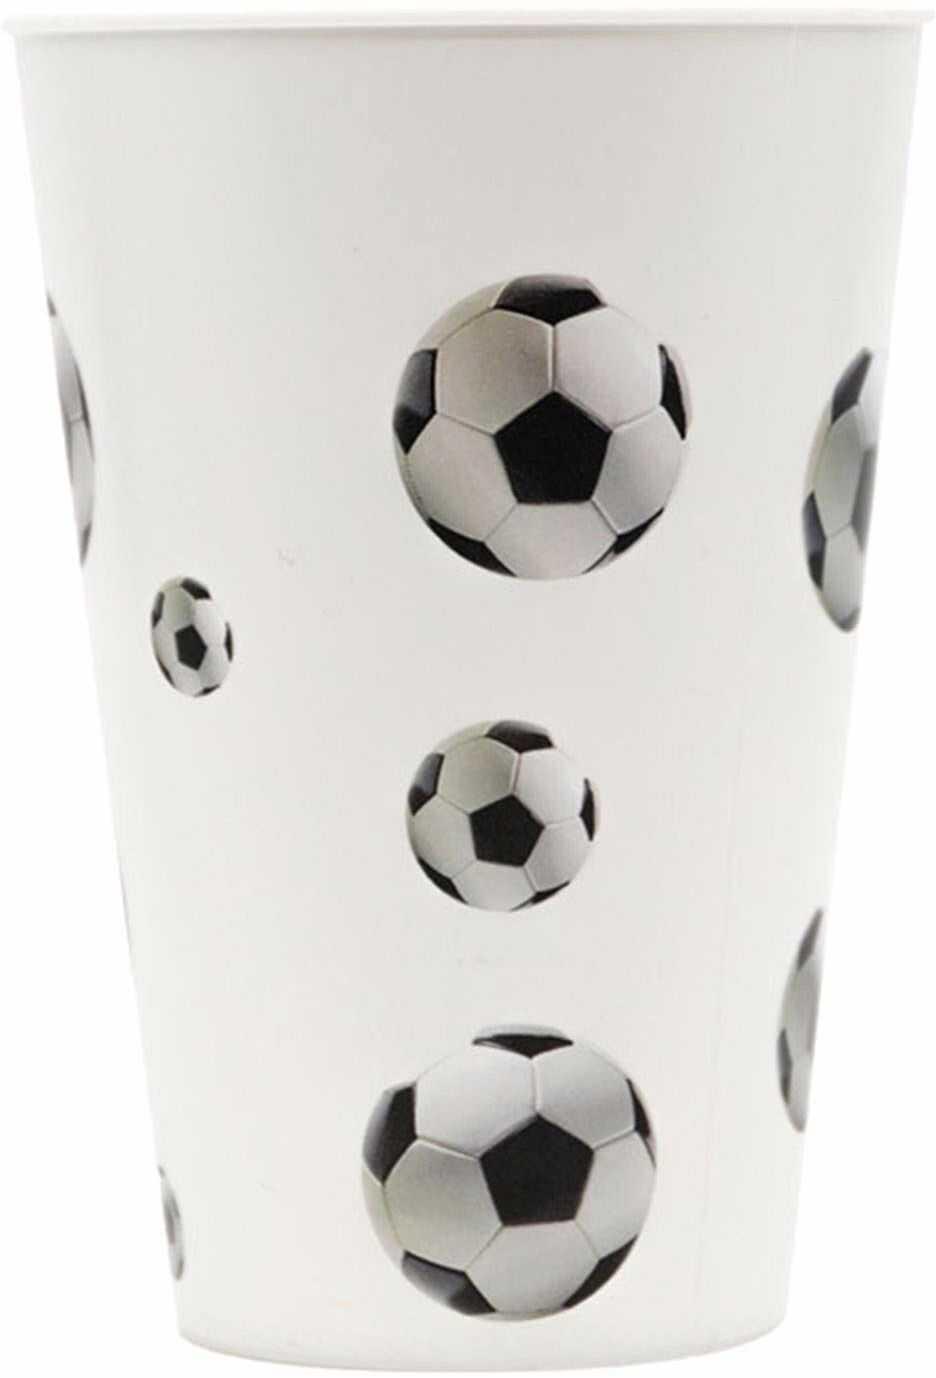 Procos 91386 - kubek, impreza w piłce nożnej, 400 ml, wielokrotnego użytku, piłka nożna, kubek do picia, urodziny, impreza tematyczna